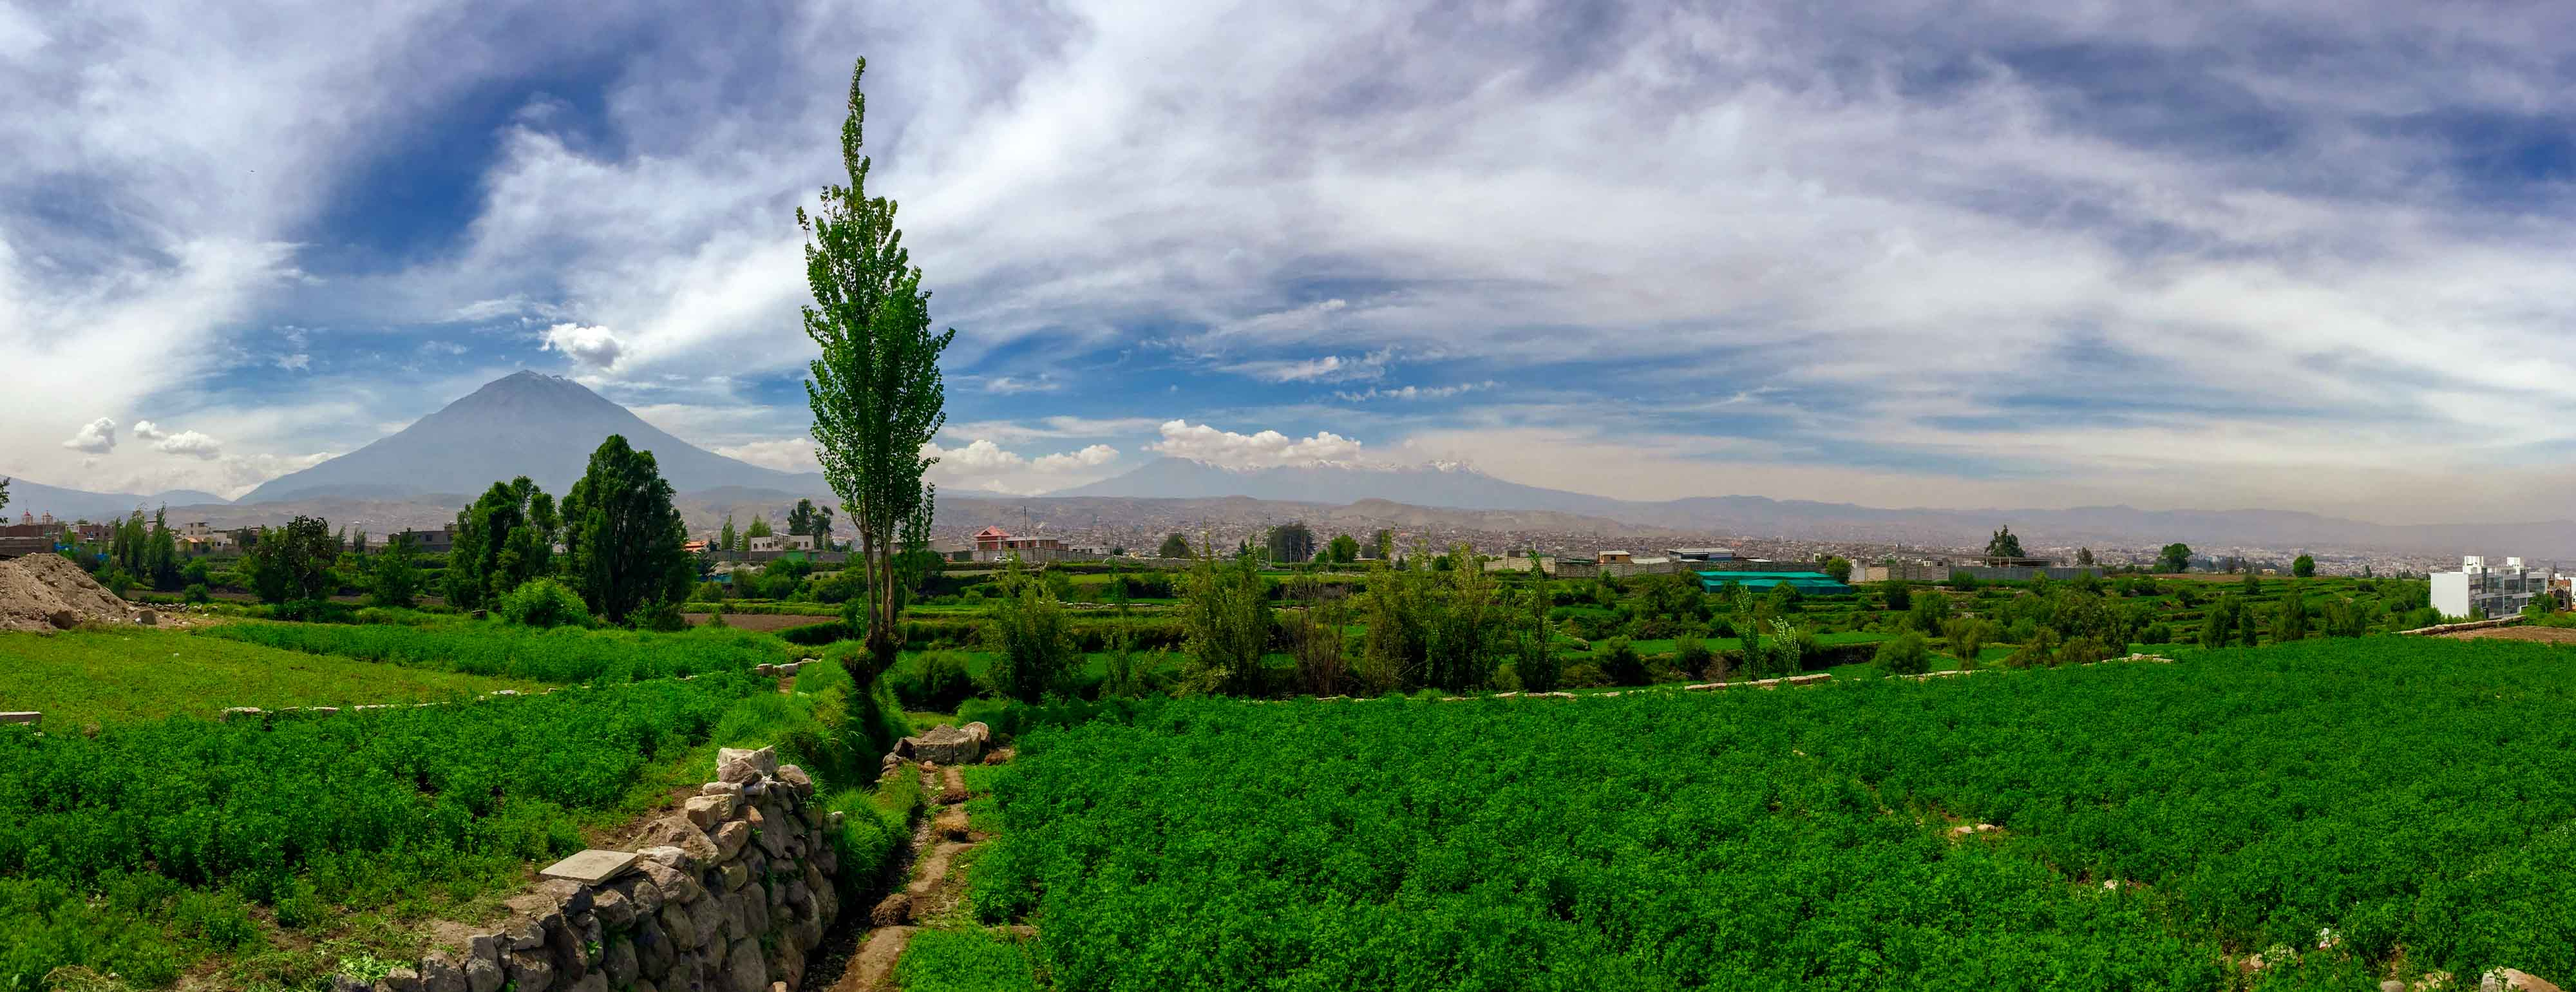 Panorama sur toute l'étendue de la ville d'Arequipa